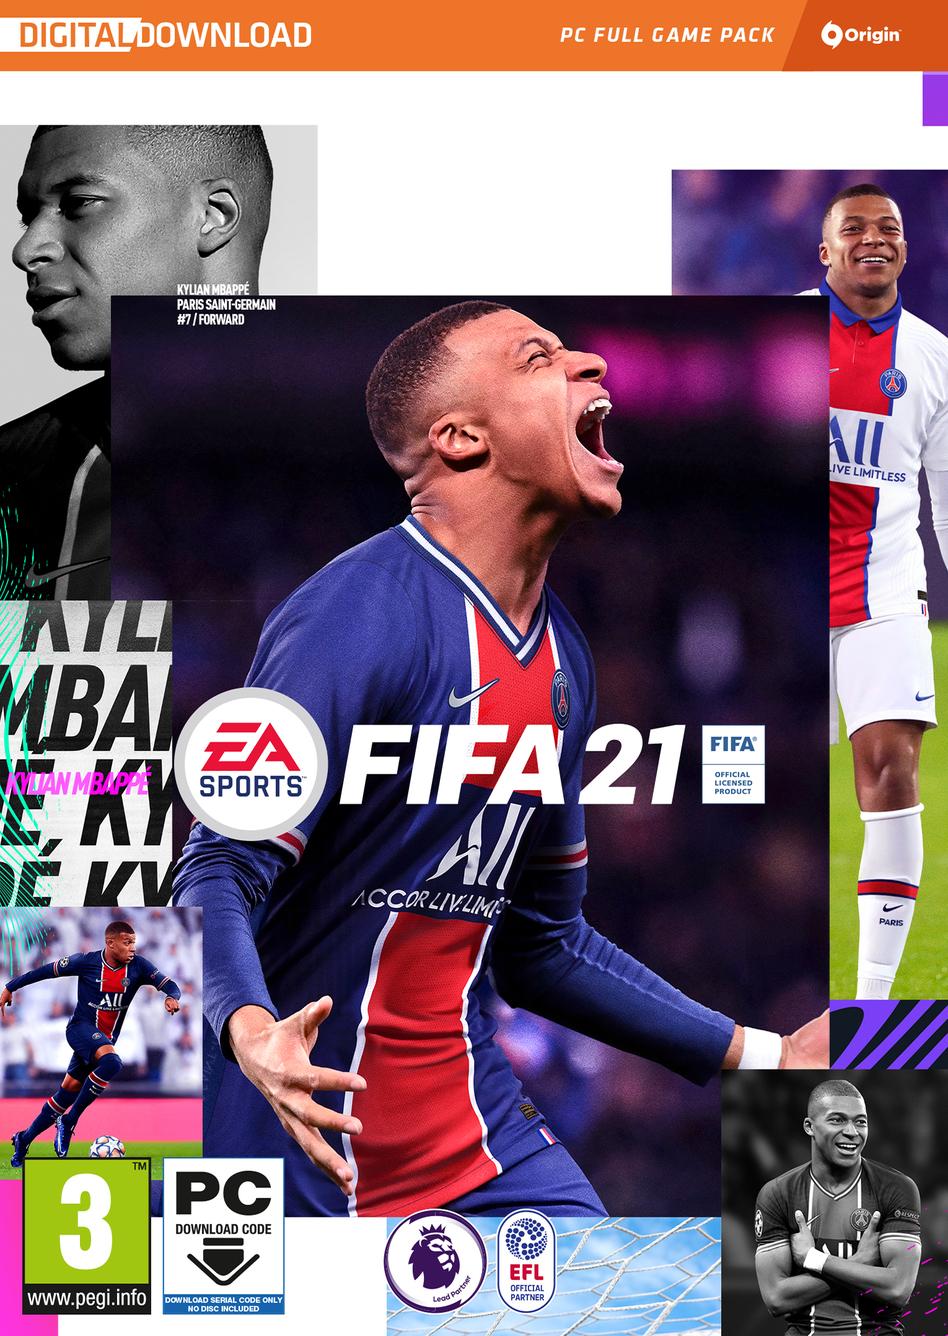 FIFA 21 Standard Edition - Origin